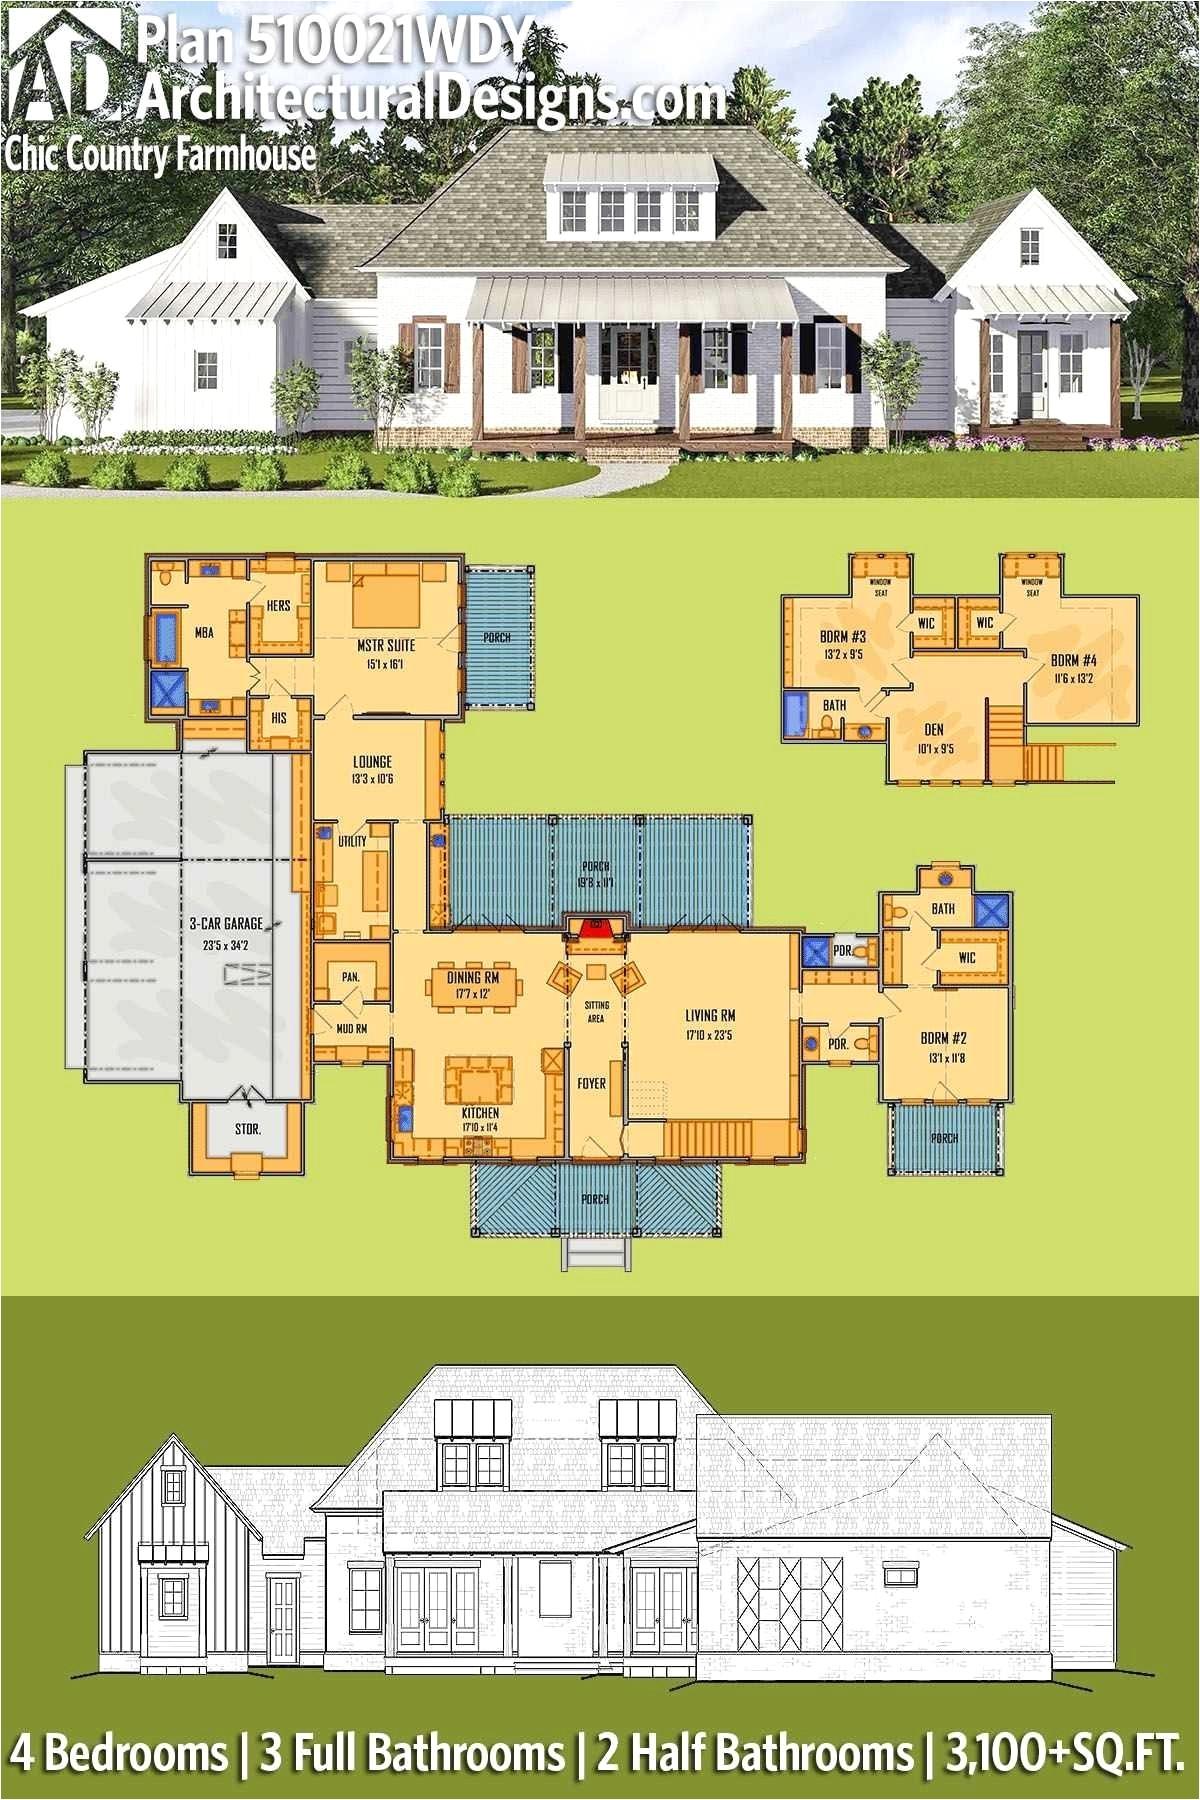 contemporary house plans with loft unique 2 car garage with loft lovely 2 storey contemporary house